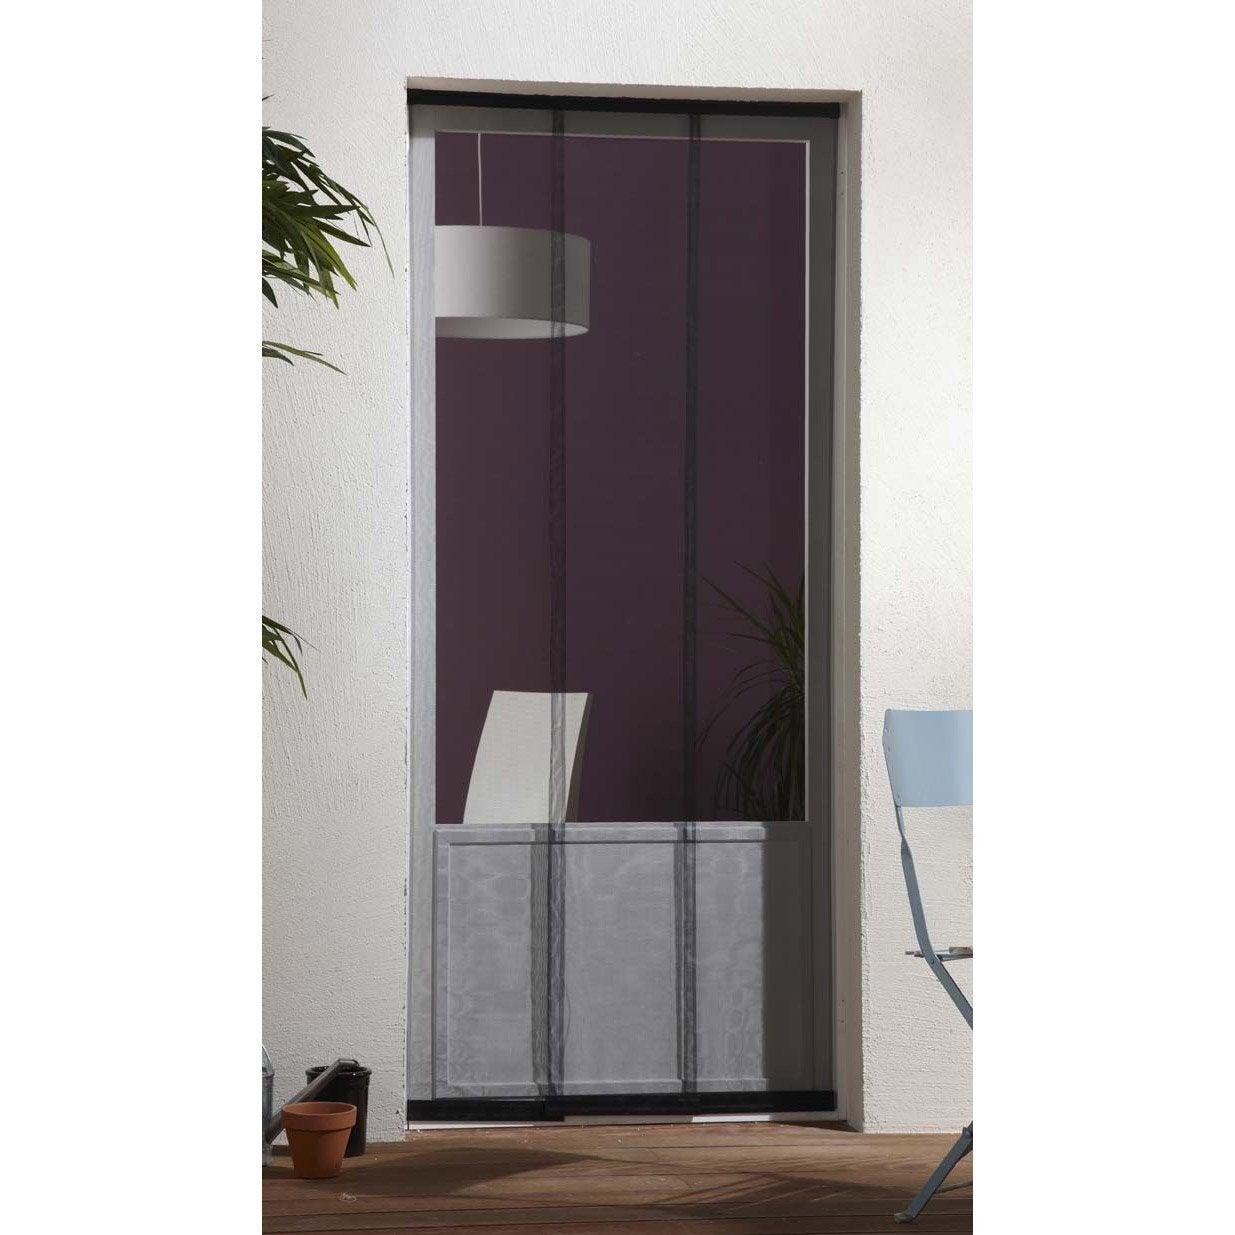 moustiquaire pour porte rideau artens x cm. Black Bedroom Furniture Sets. Home Design Ideas